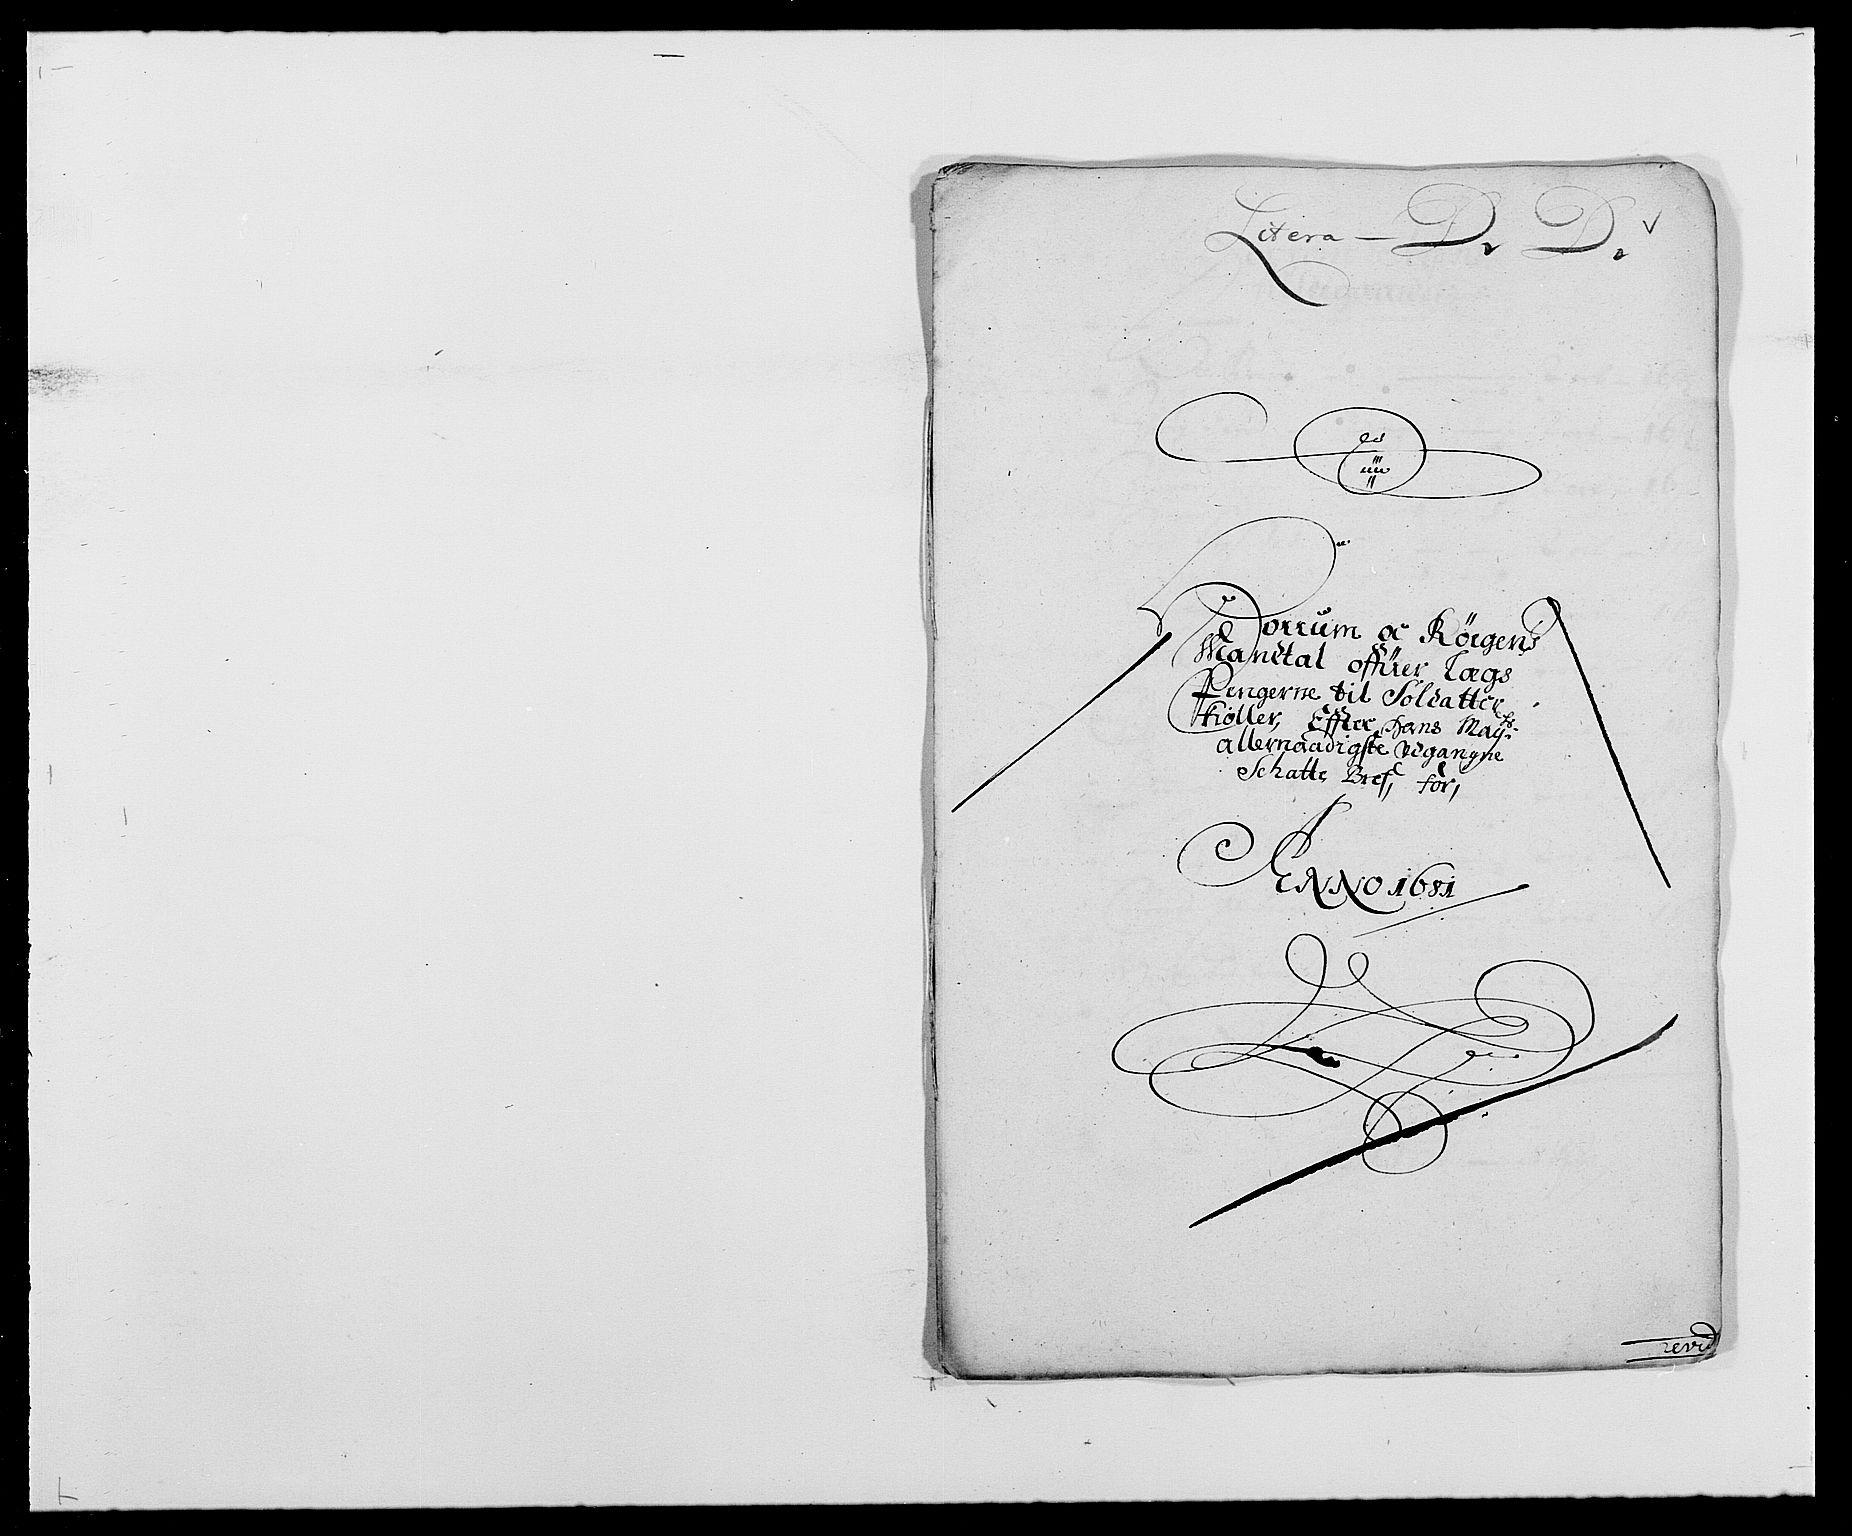 RA, Rentekammeret inntil 1814, Reviderte regnskaper, Fogderegnskap, R29/L1691: Fogderegnskap Hurum og Røyken, 1678-1681, s. 399